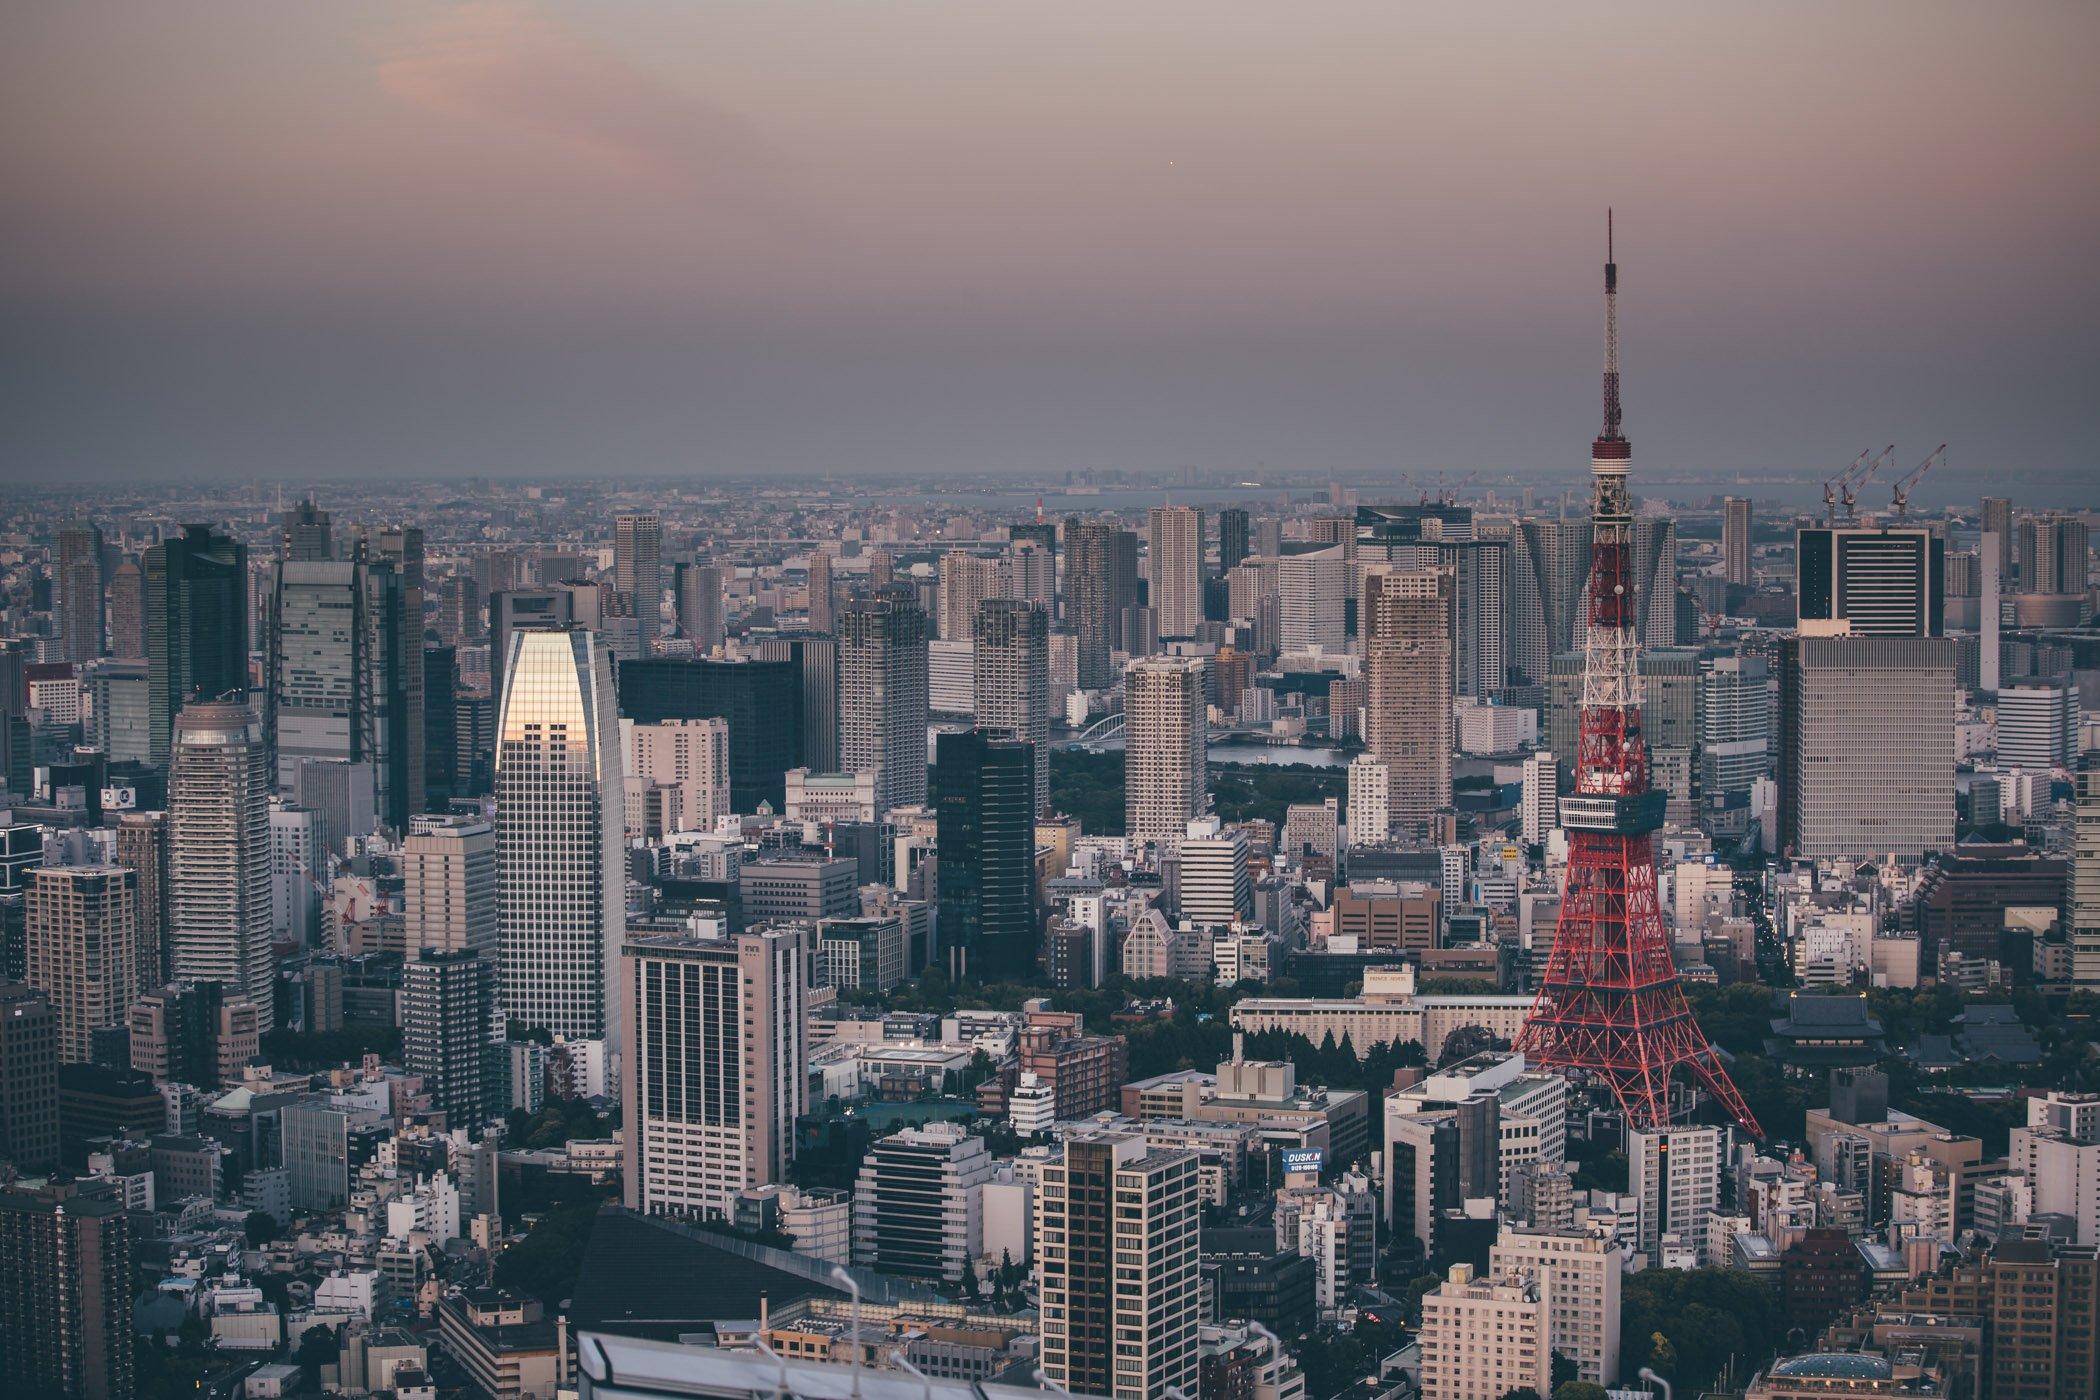 The observation deck at Roppongi Hills Tokyo